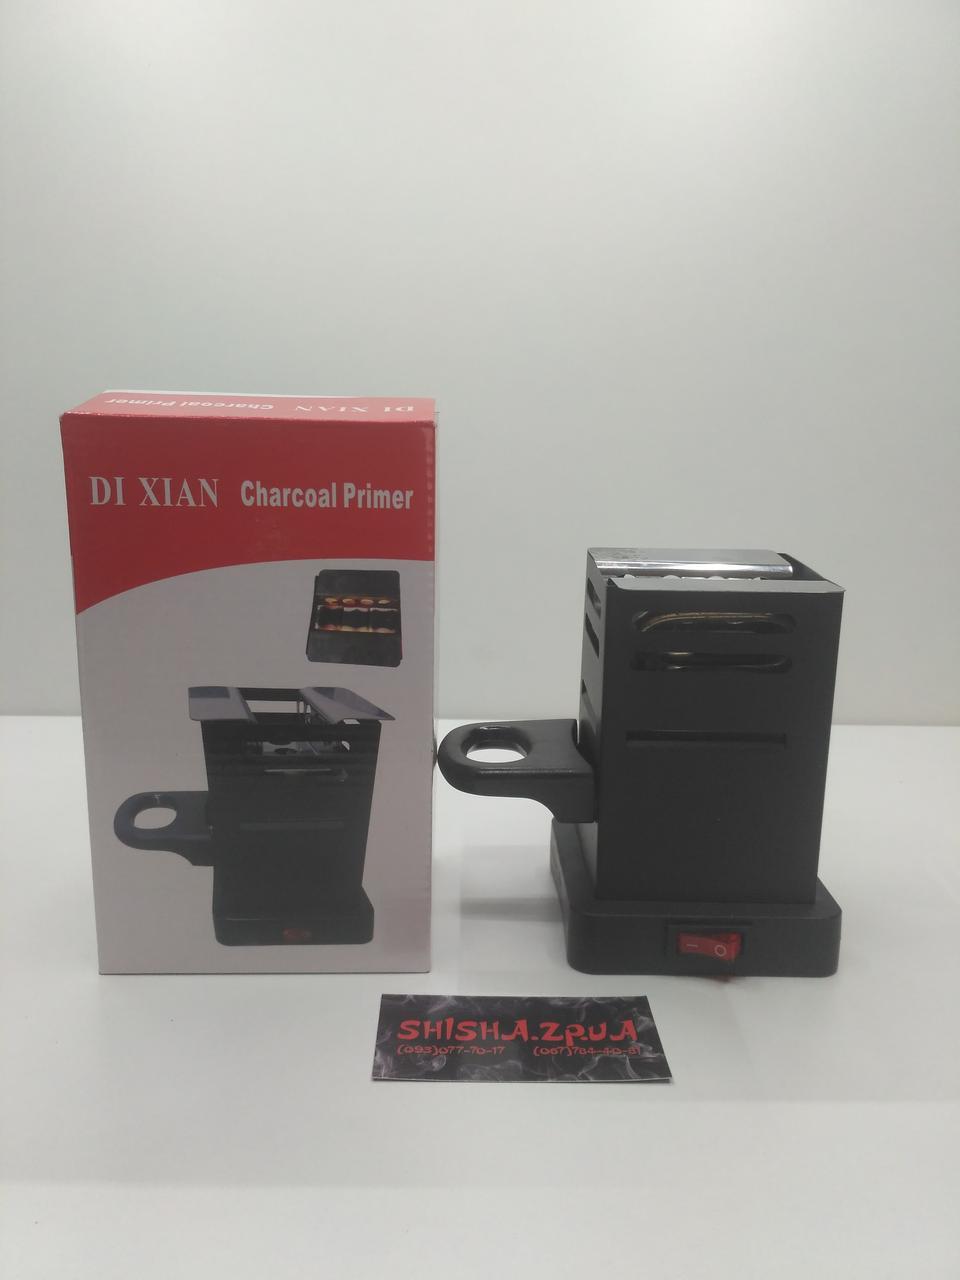 Печка электрическая DI XIAN для розжига углей (600W)